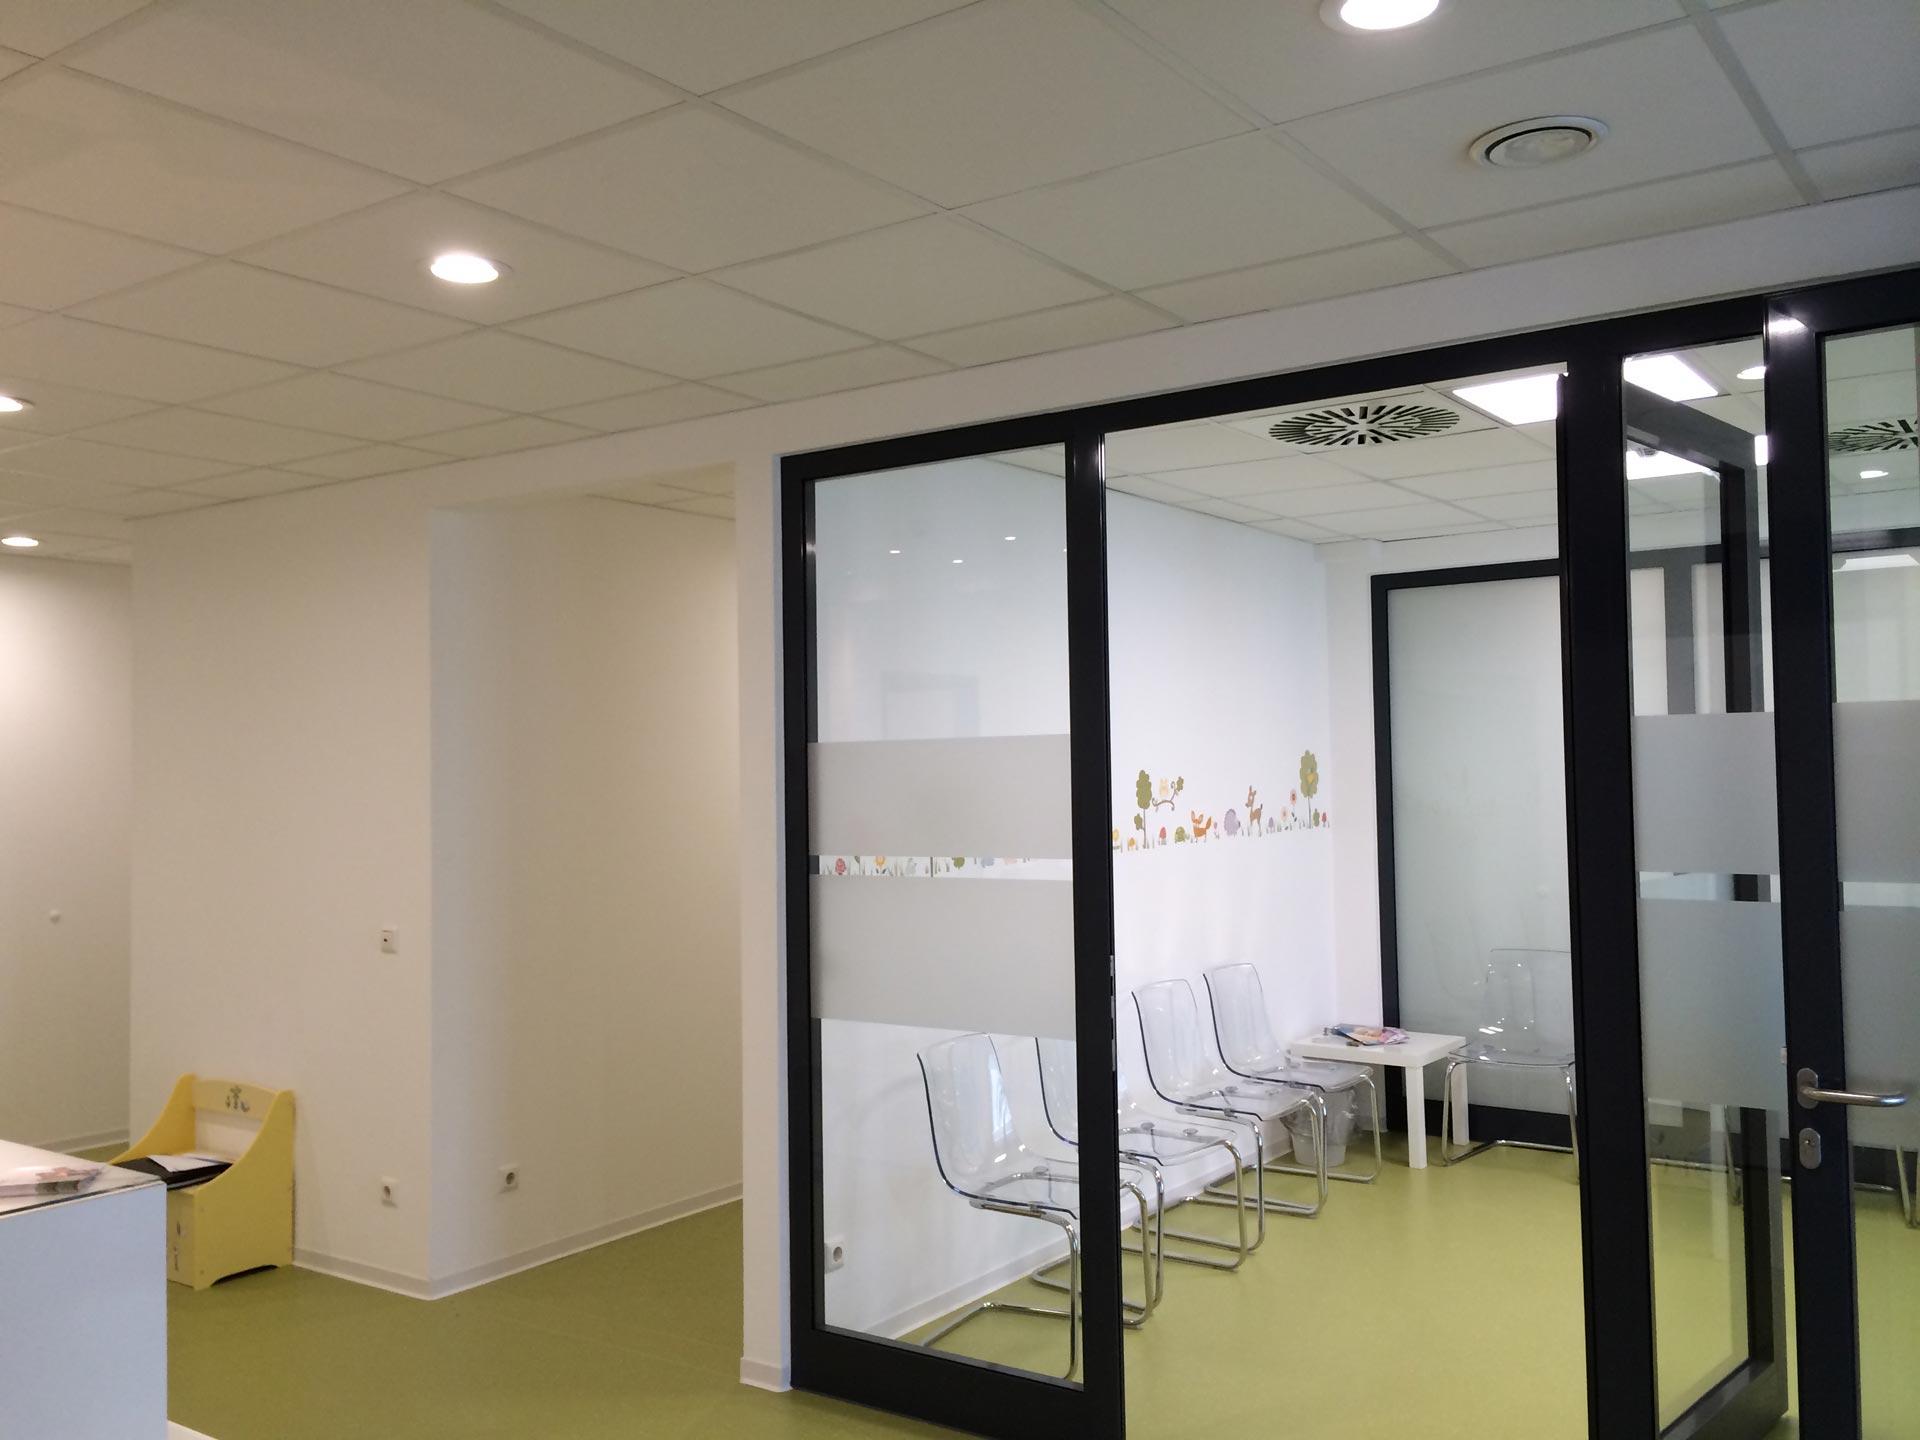 Tischlerei-Baeumer-Altenberge_Gesundheitszentrum-Koeln-Widdersdorf_11